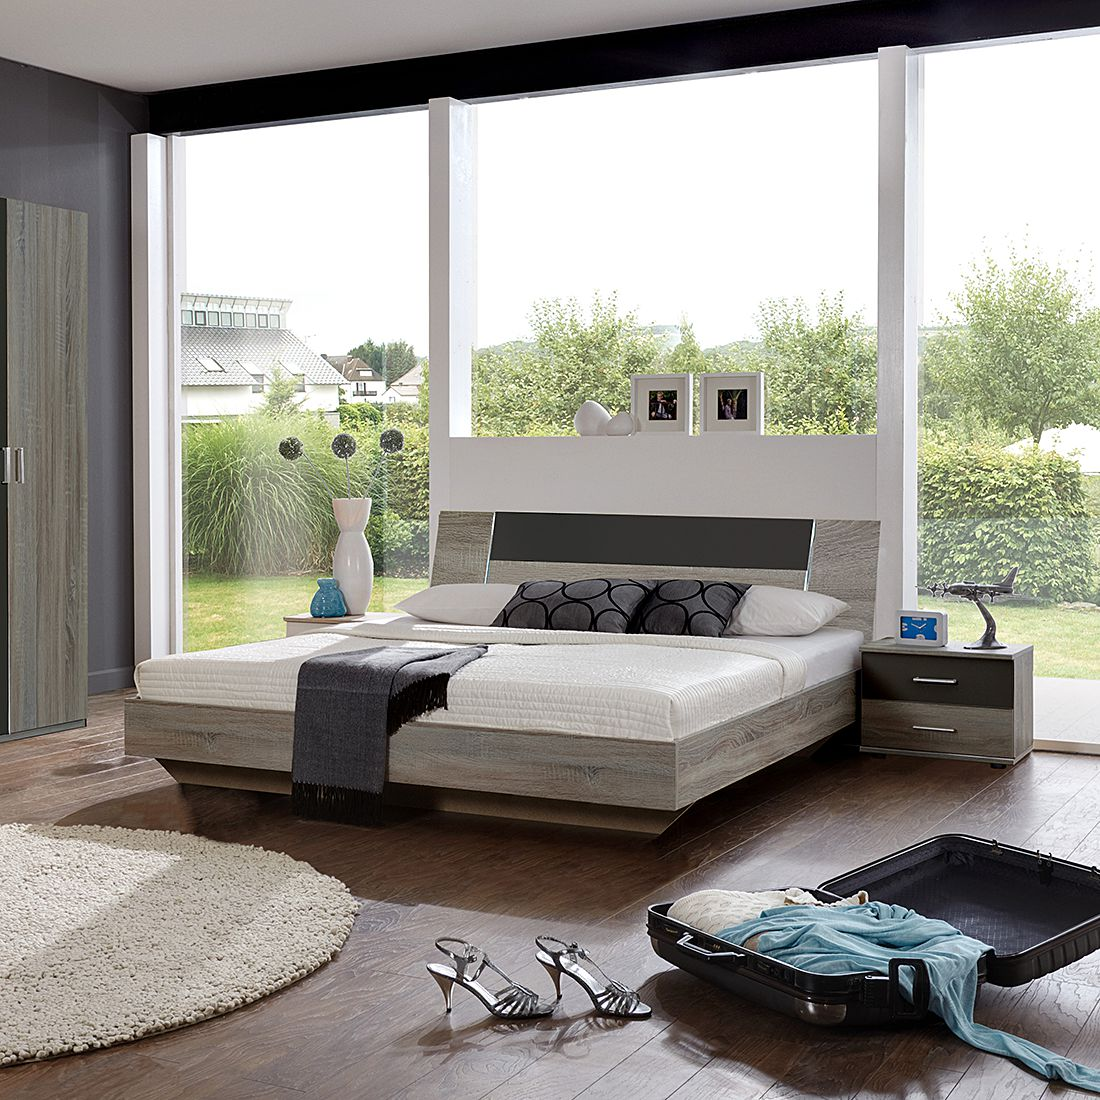 bettanlage tendence montana eiche lavafarbig schlafzimmerset tendence montana eiche. Black Bedroom Furniture Sets. Home Design Ideas